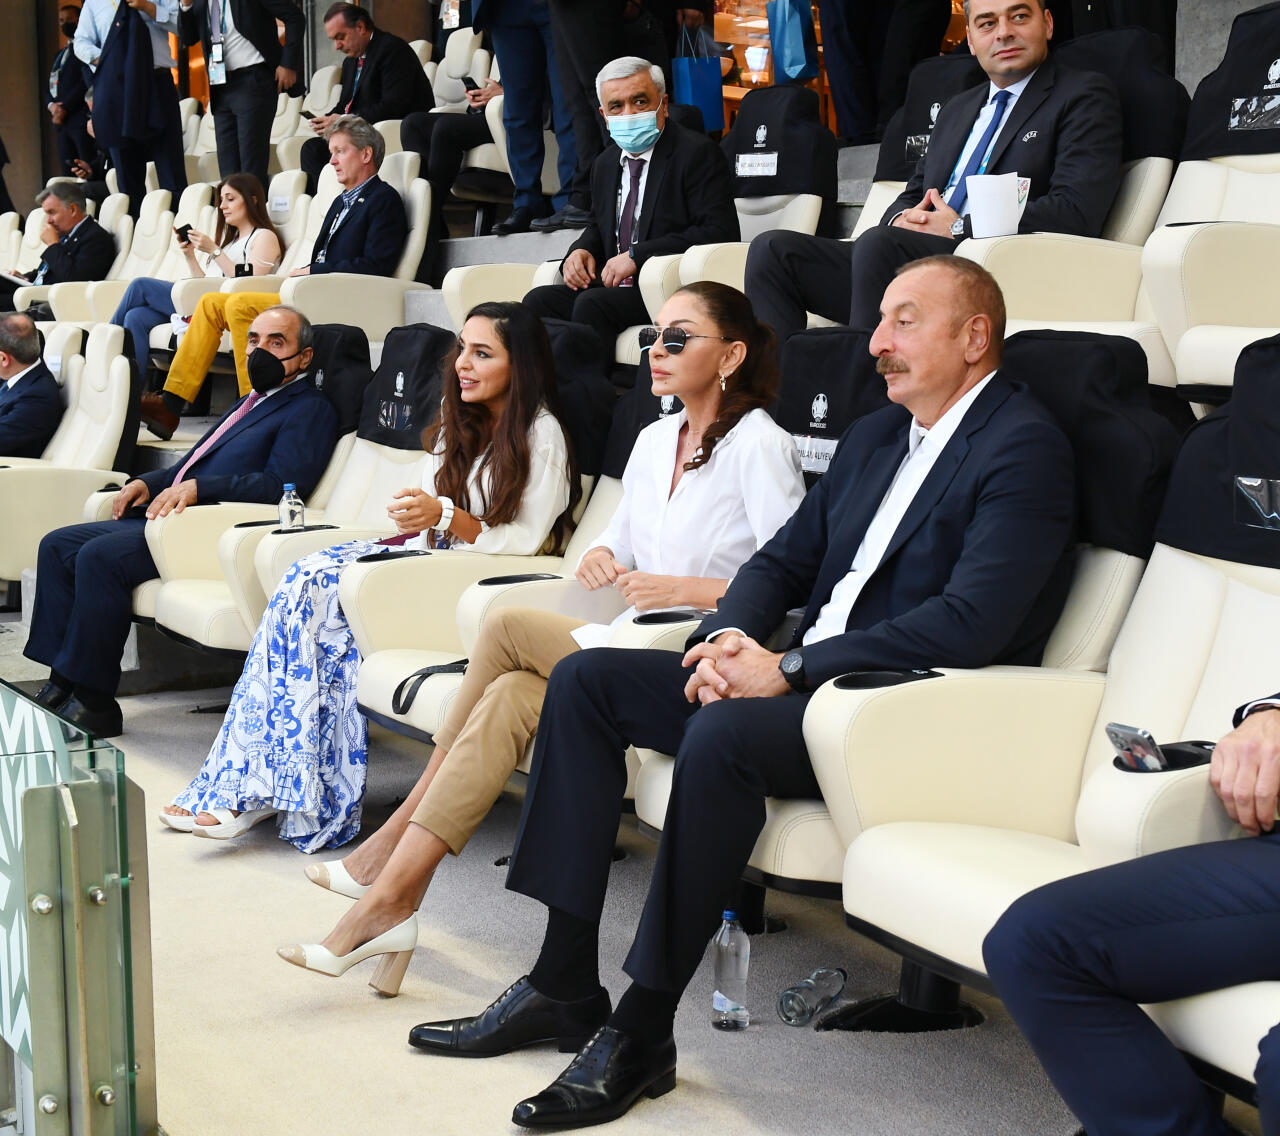 Президенты Ильхам Алиев и Реджеп Тайип Эрдоган с супругами наблюдали за матчем Турция-Уэльс на Бакинском Олимпийском стадионе